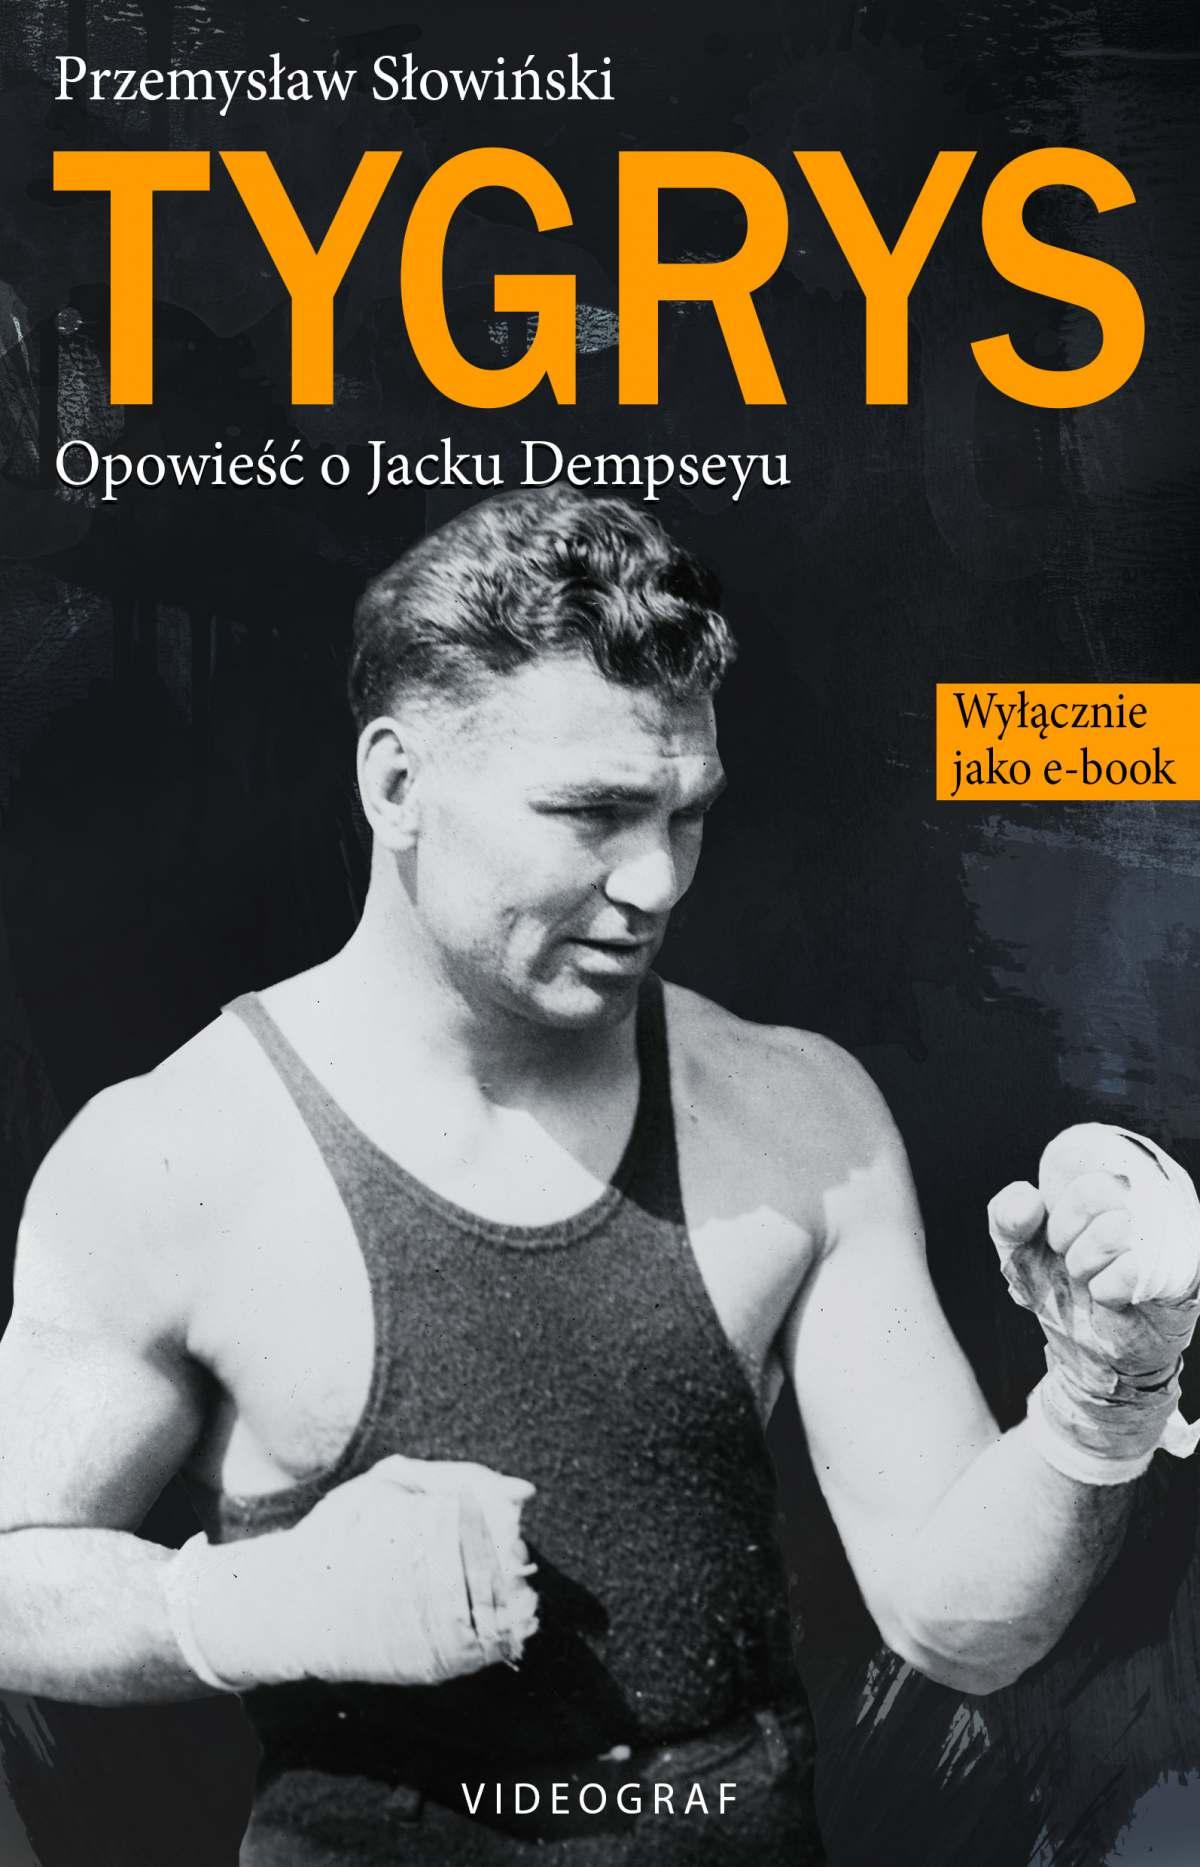 Tygrys. Opowieść o Jacku Dampseyu - Ebook (Książka EPUB) do pobrania w formacie EPUB